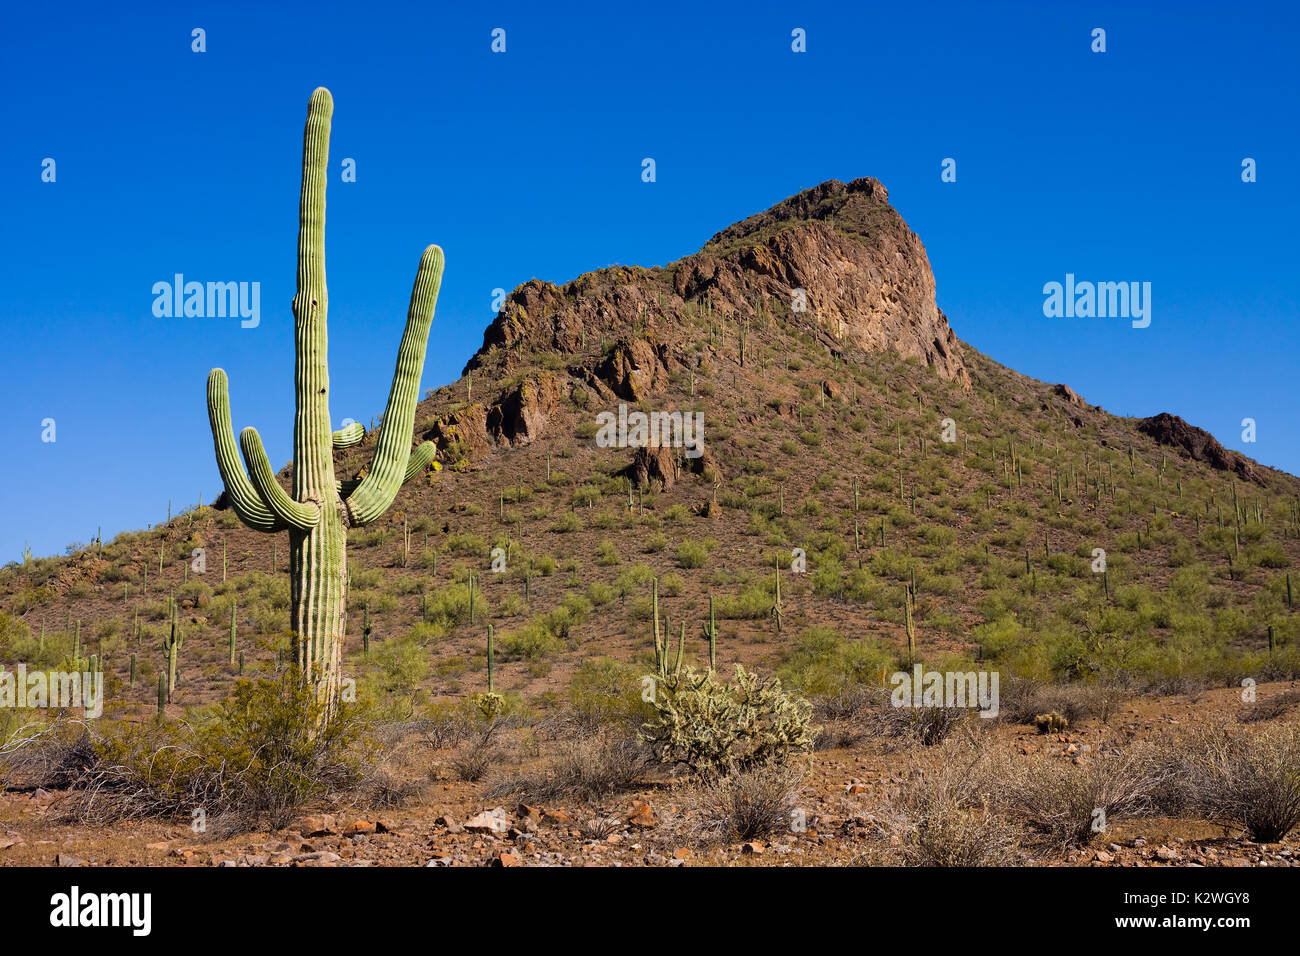 Cactus Jacks Tucson >> Desert Landscaping Stock Photos & Desert Landscaping Stock Images - Alamy